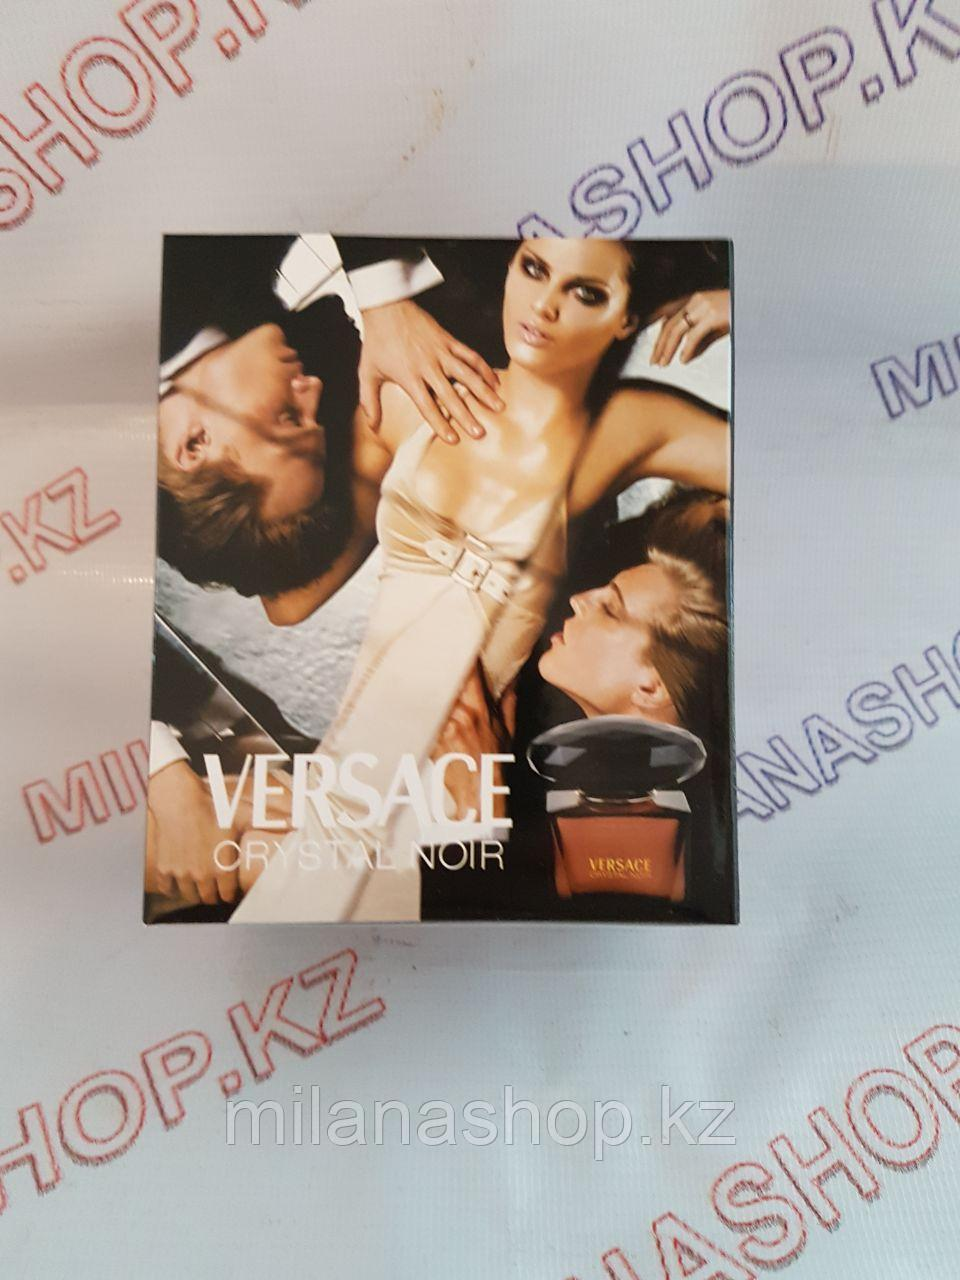 Versace Crystal Noir ( 100 мг )